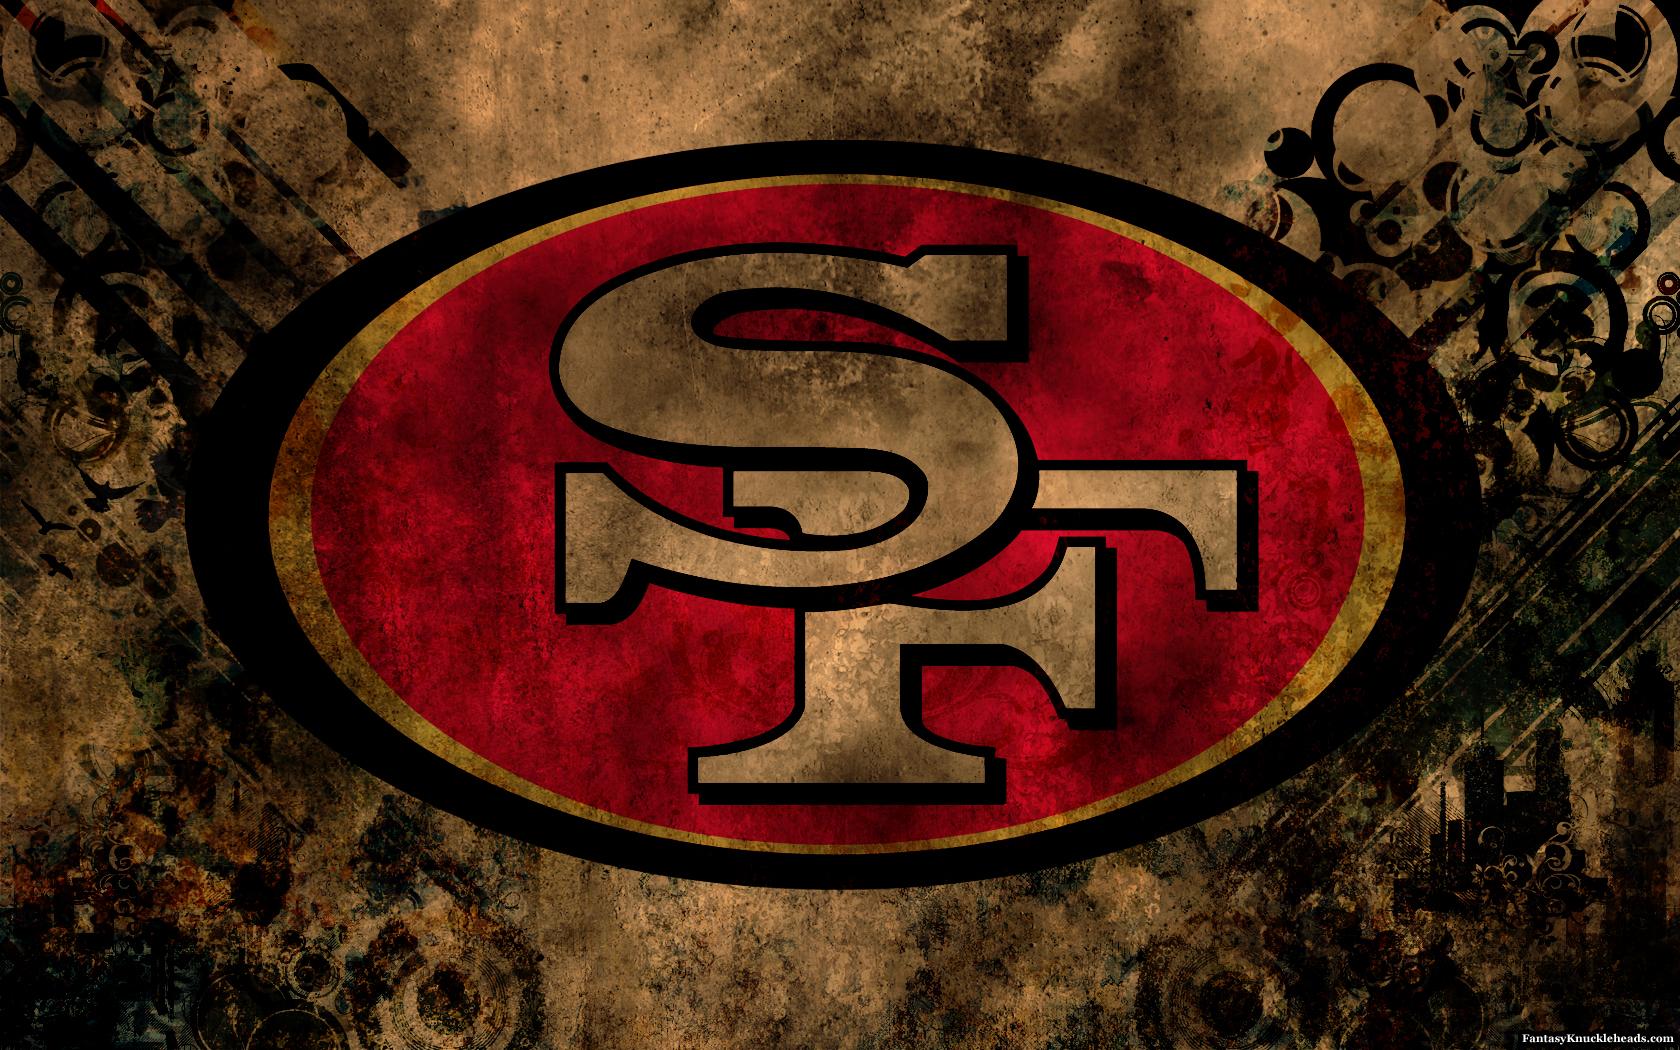 San francisco 49ers hd wallpaper wallpapersafari - 49ers wallpaper iphone 5 ...